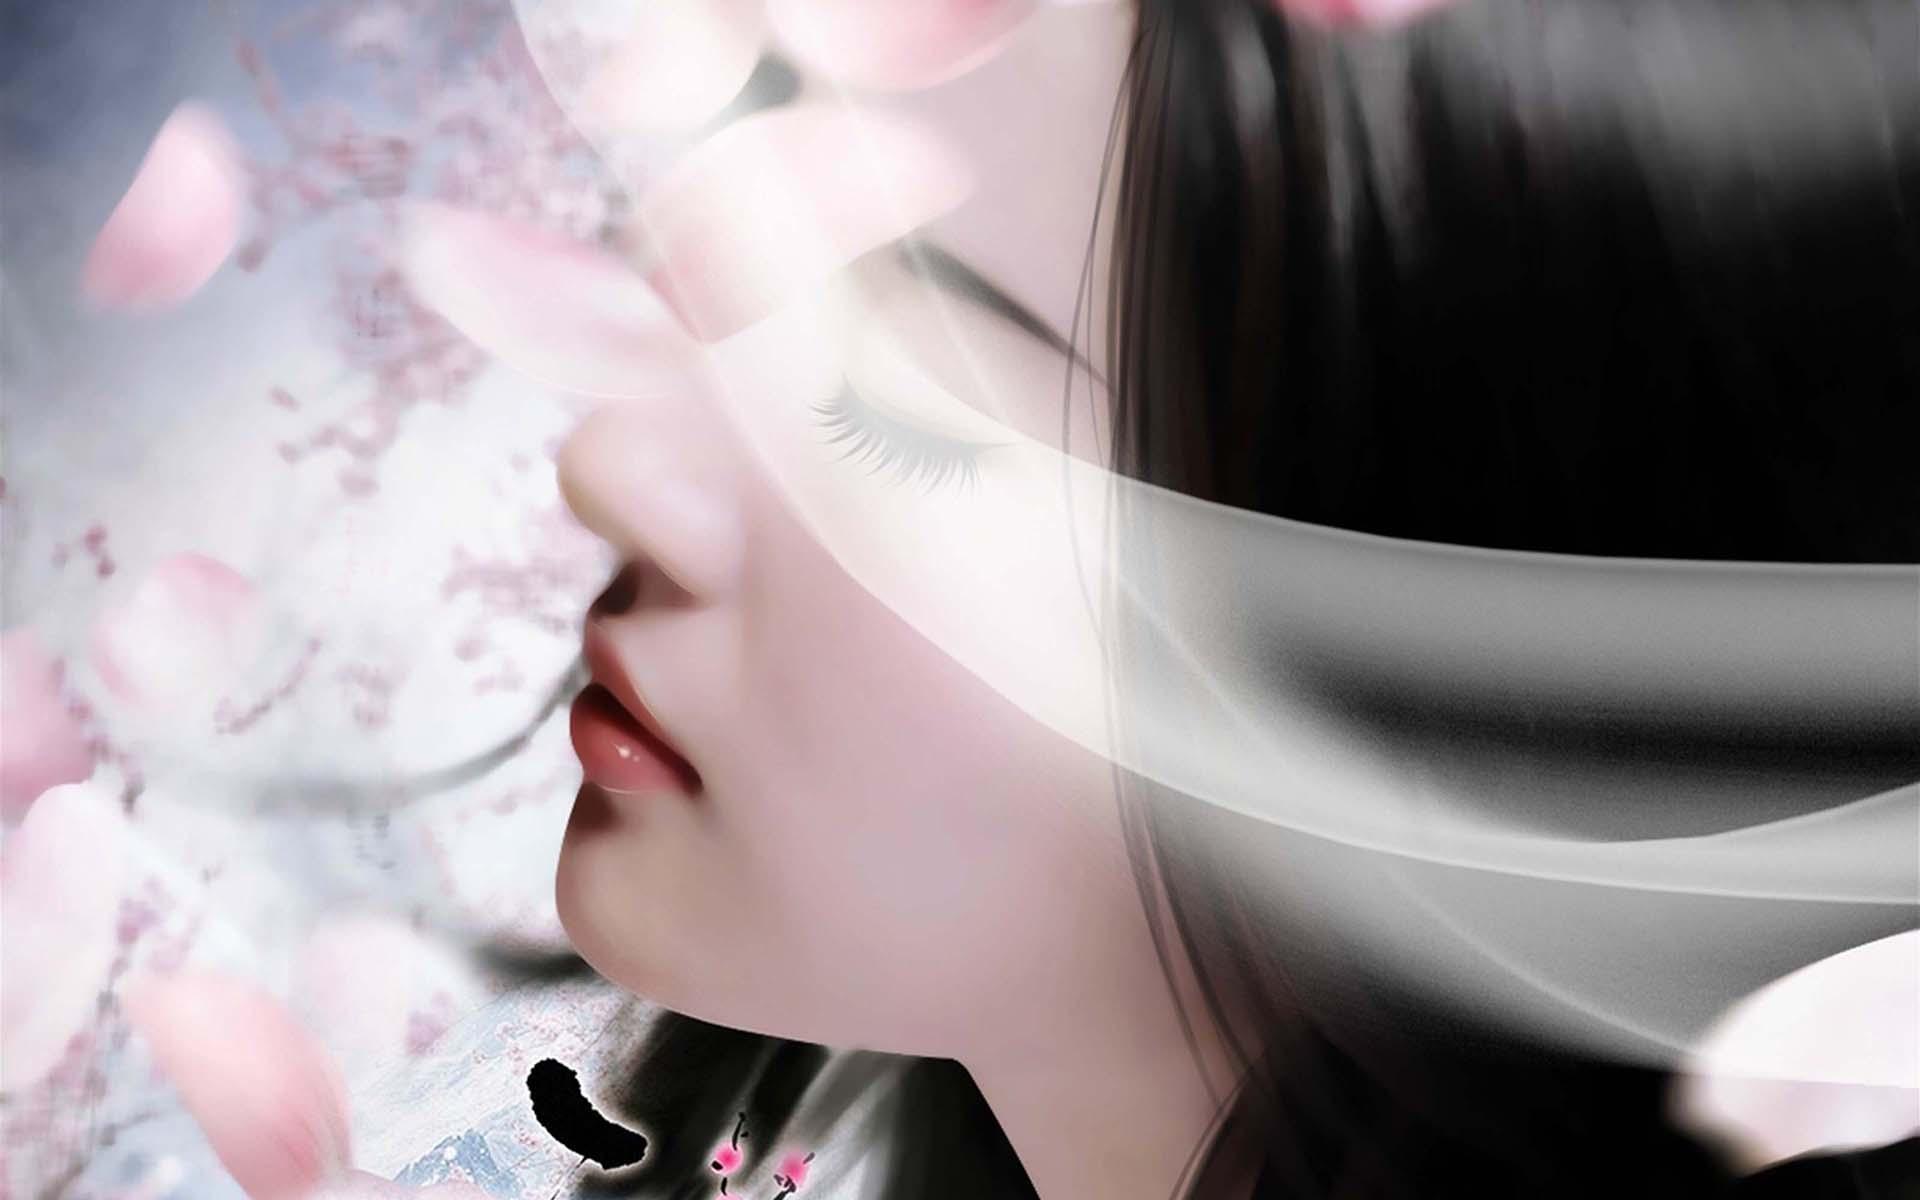 刘亦菲唯美高清桌面壁纸 三生三世十里桃花刘亦菲唯美高清壁纸 高清壁纸 第14张